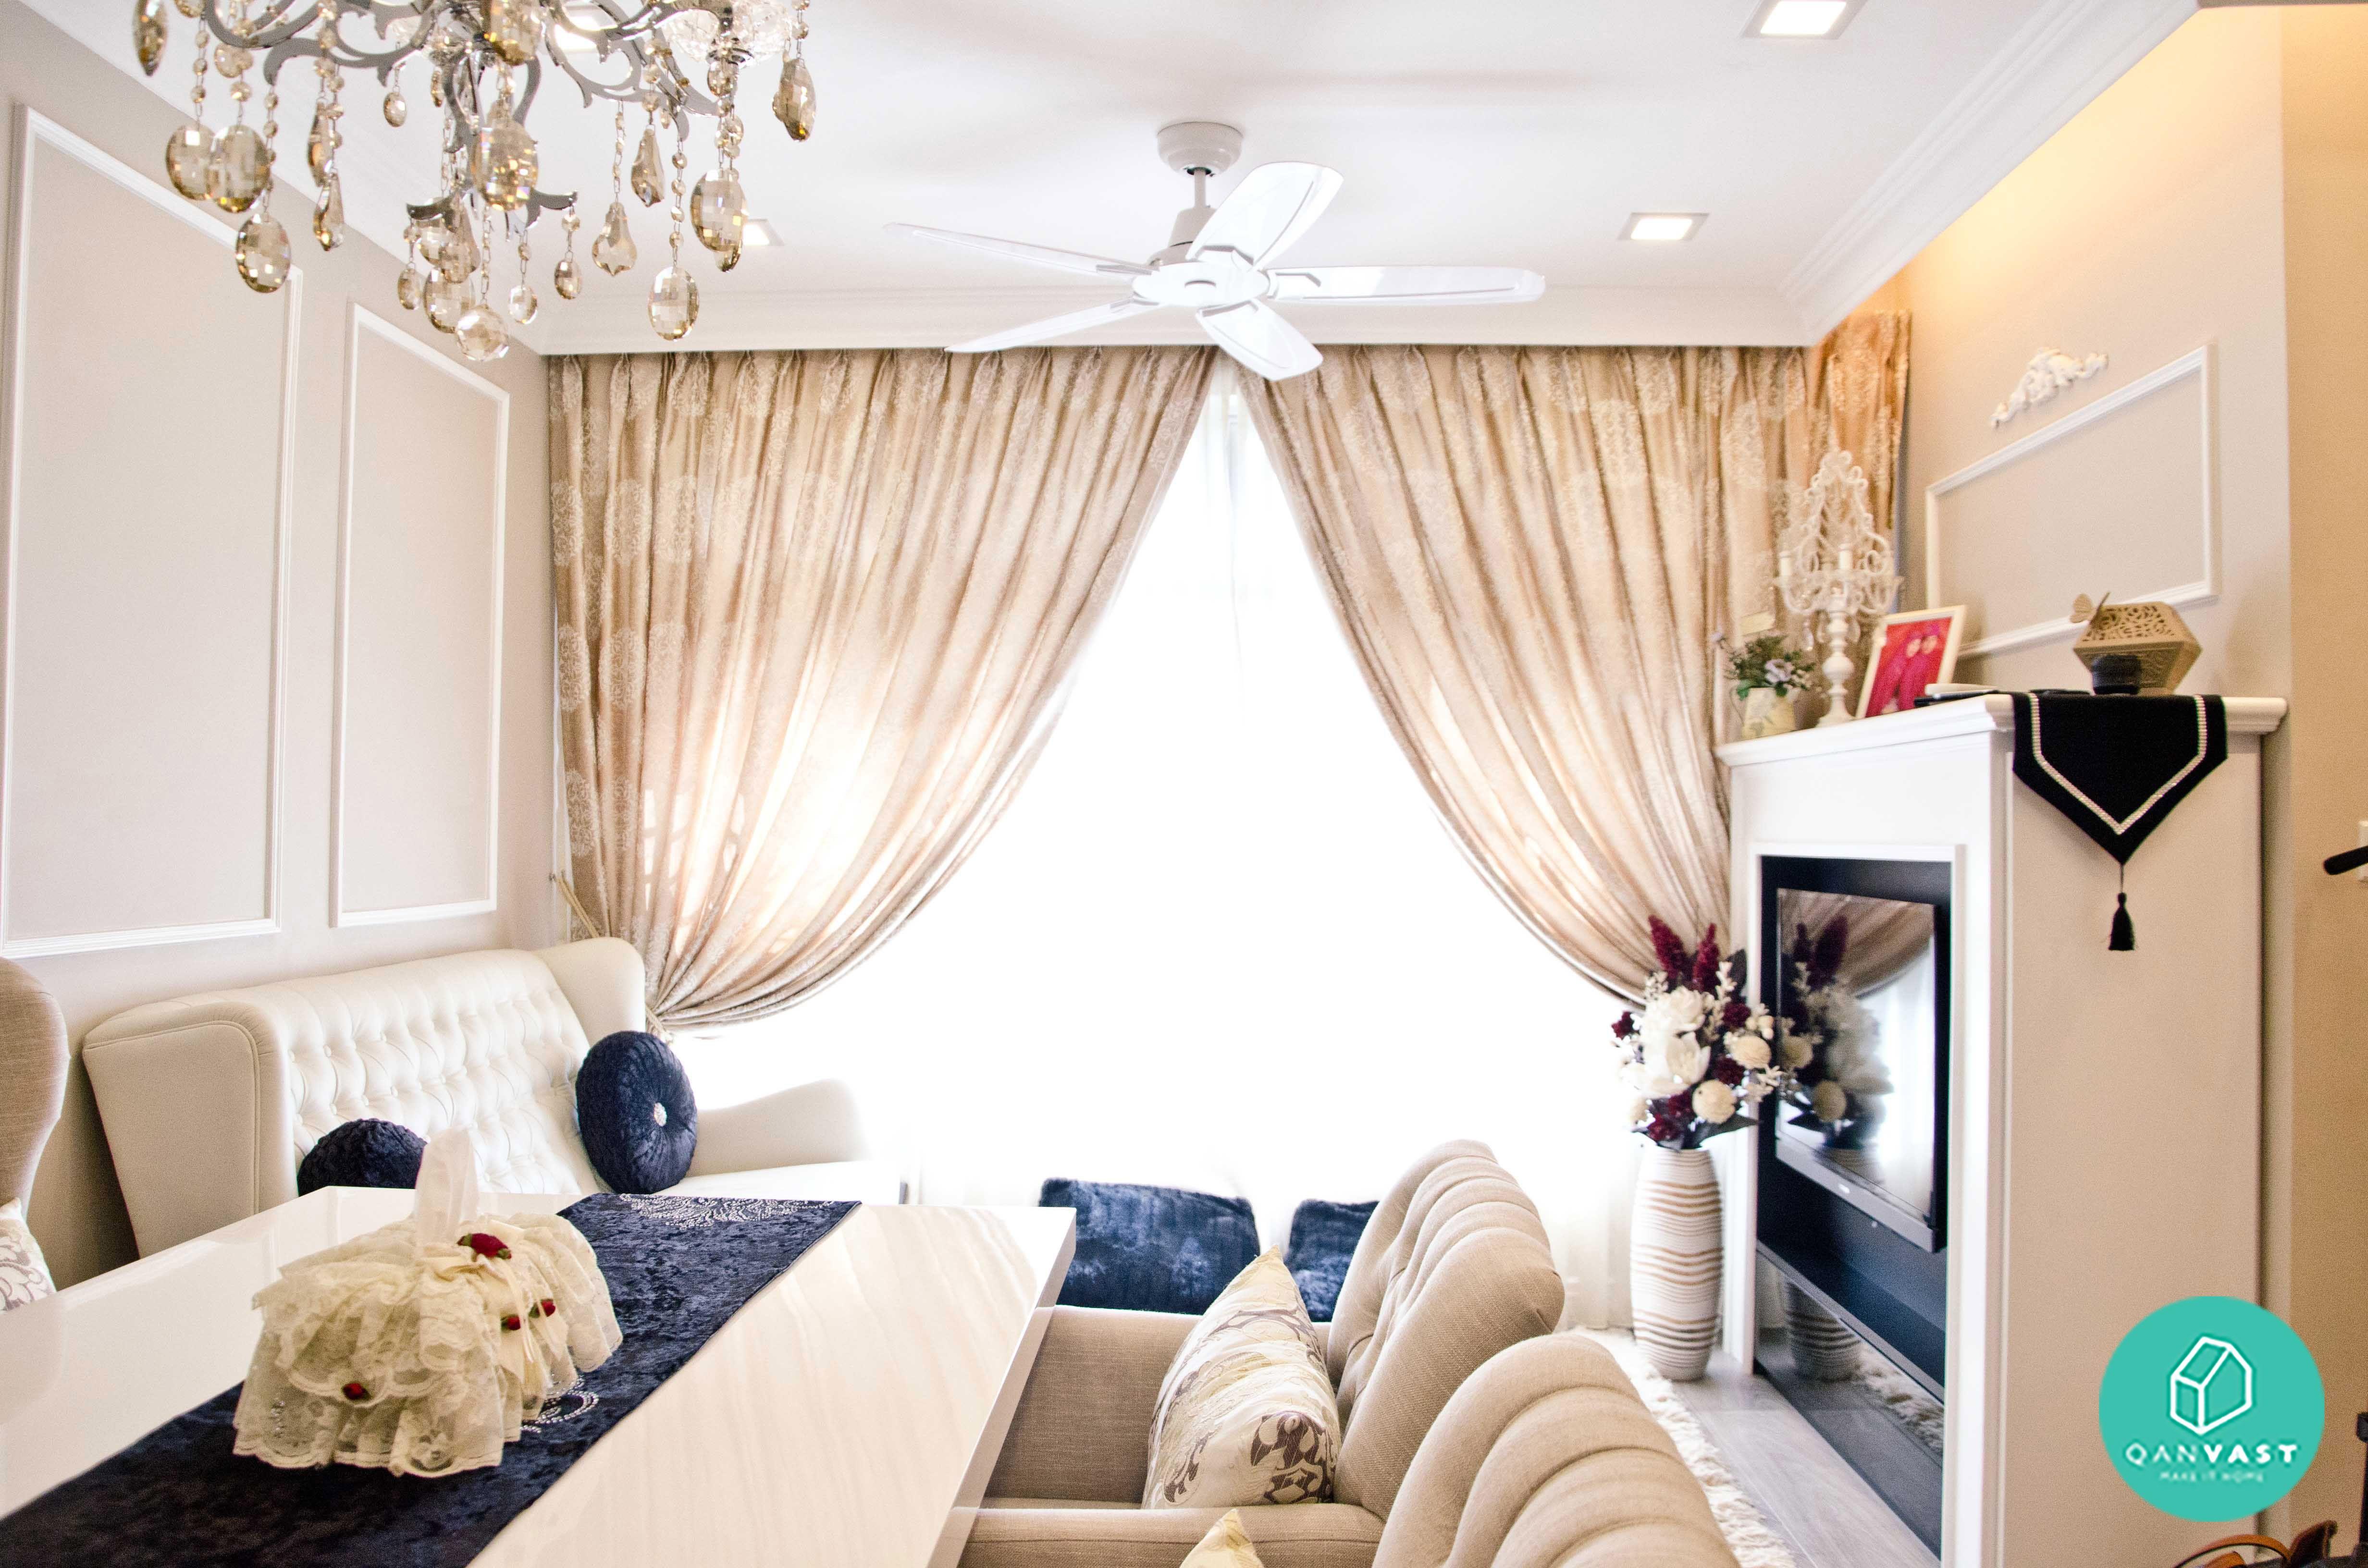 Upper Room Punggol Crest Living